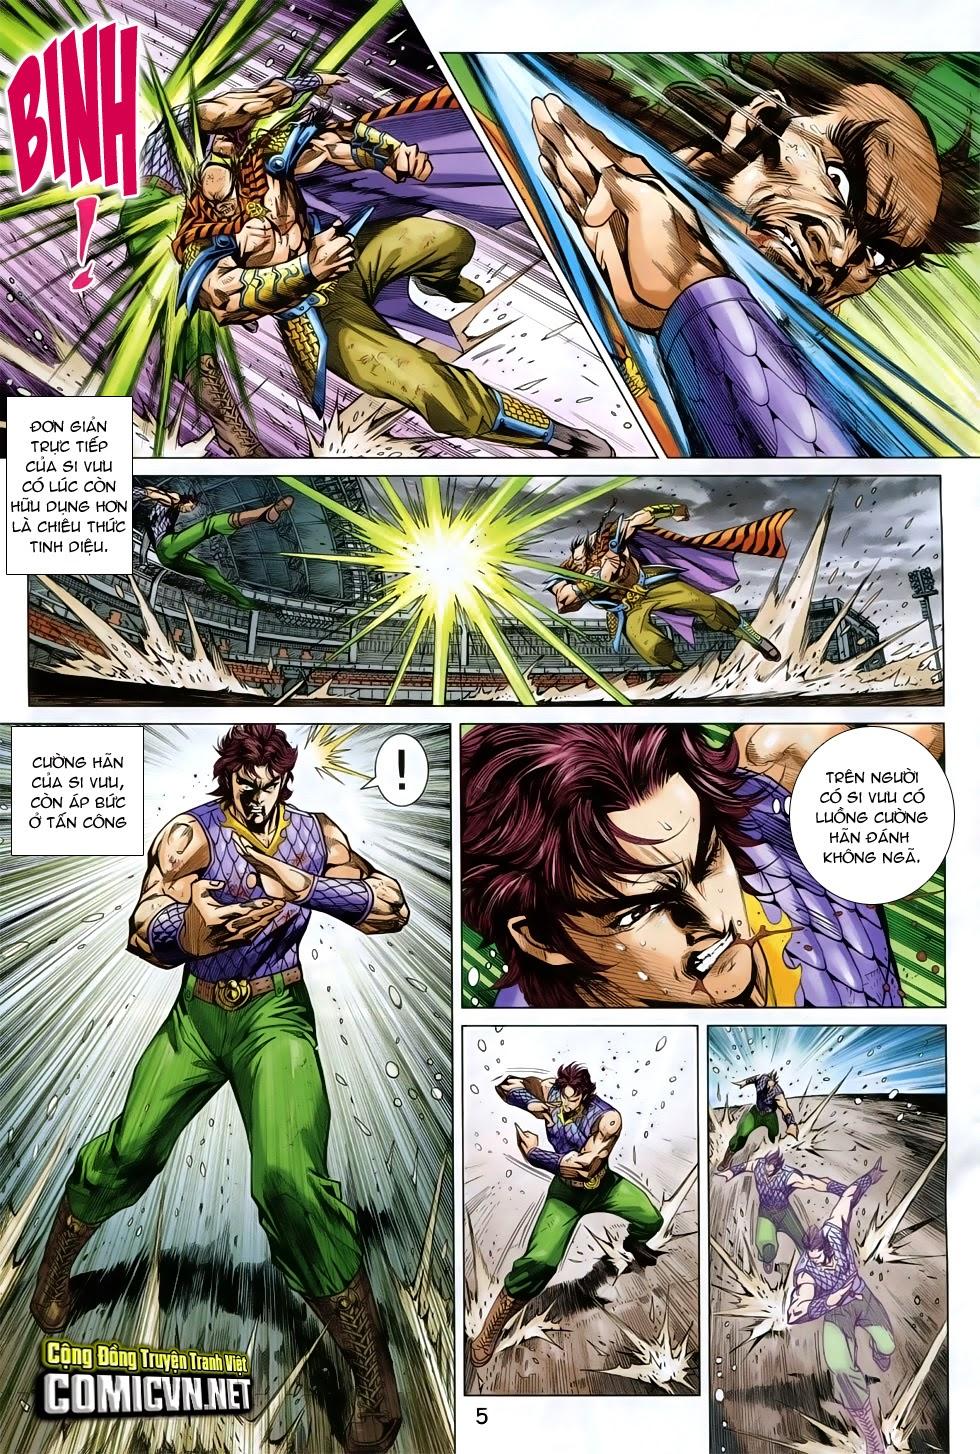 Tân Tác Long Hổ Môn chap 758 - Trang 5